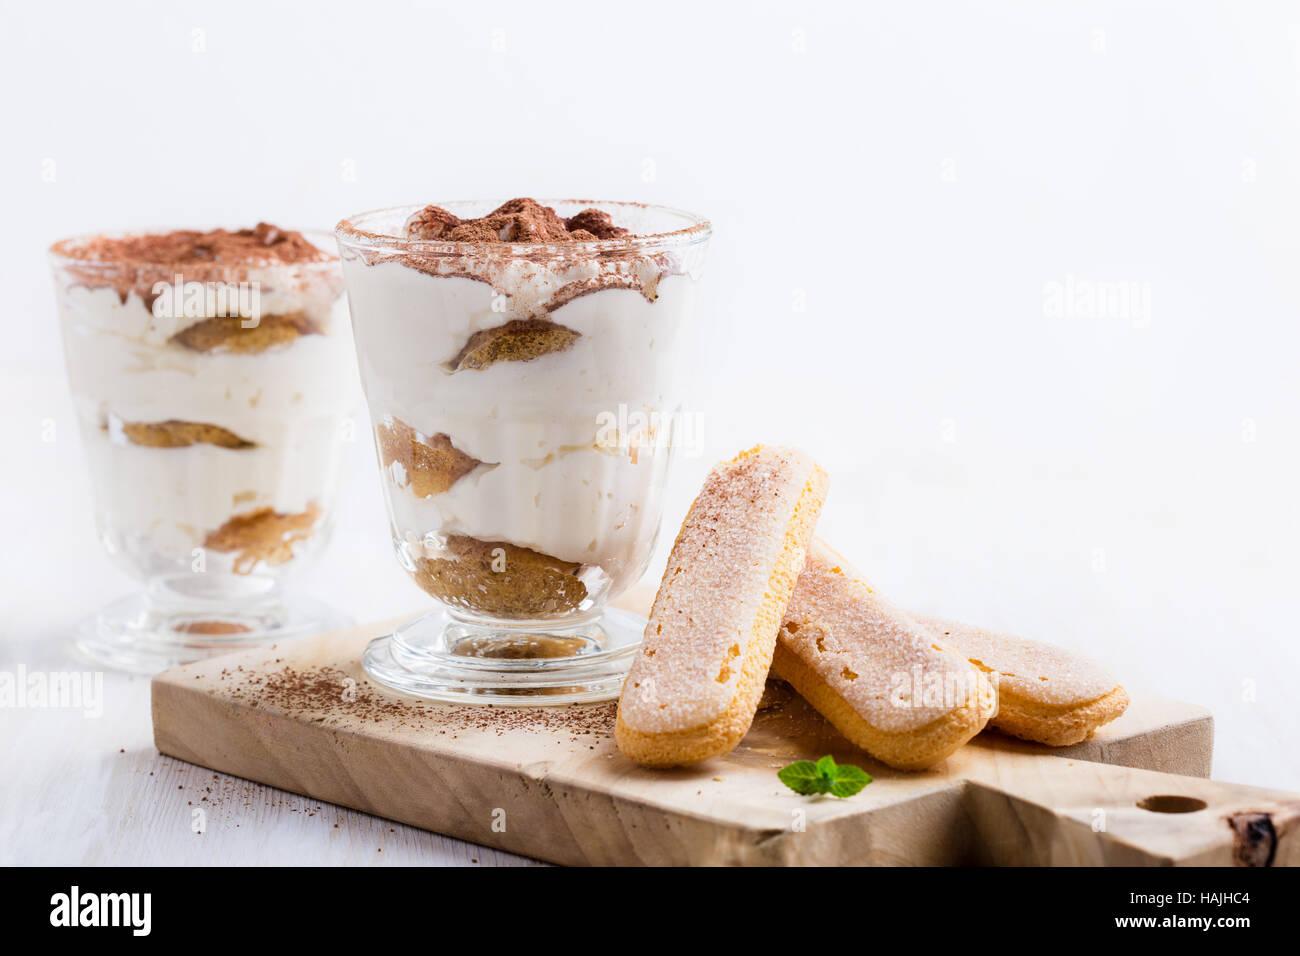 Homamade tiramisu, traditional Italian dessert in glass - Stock Image